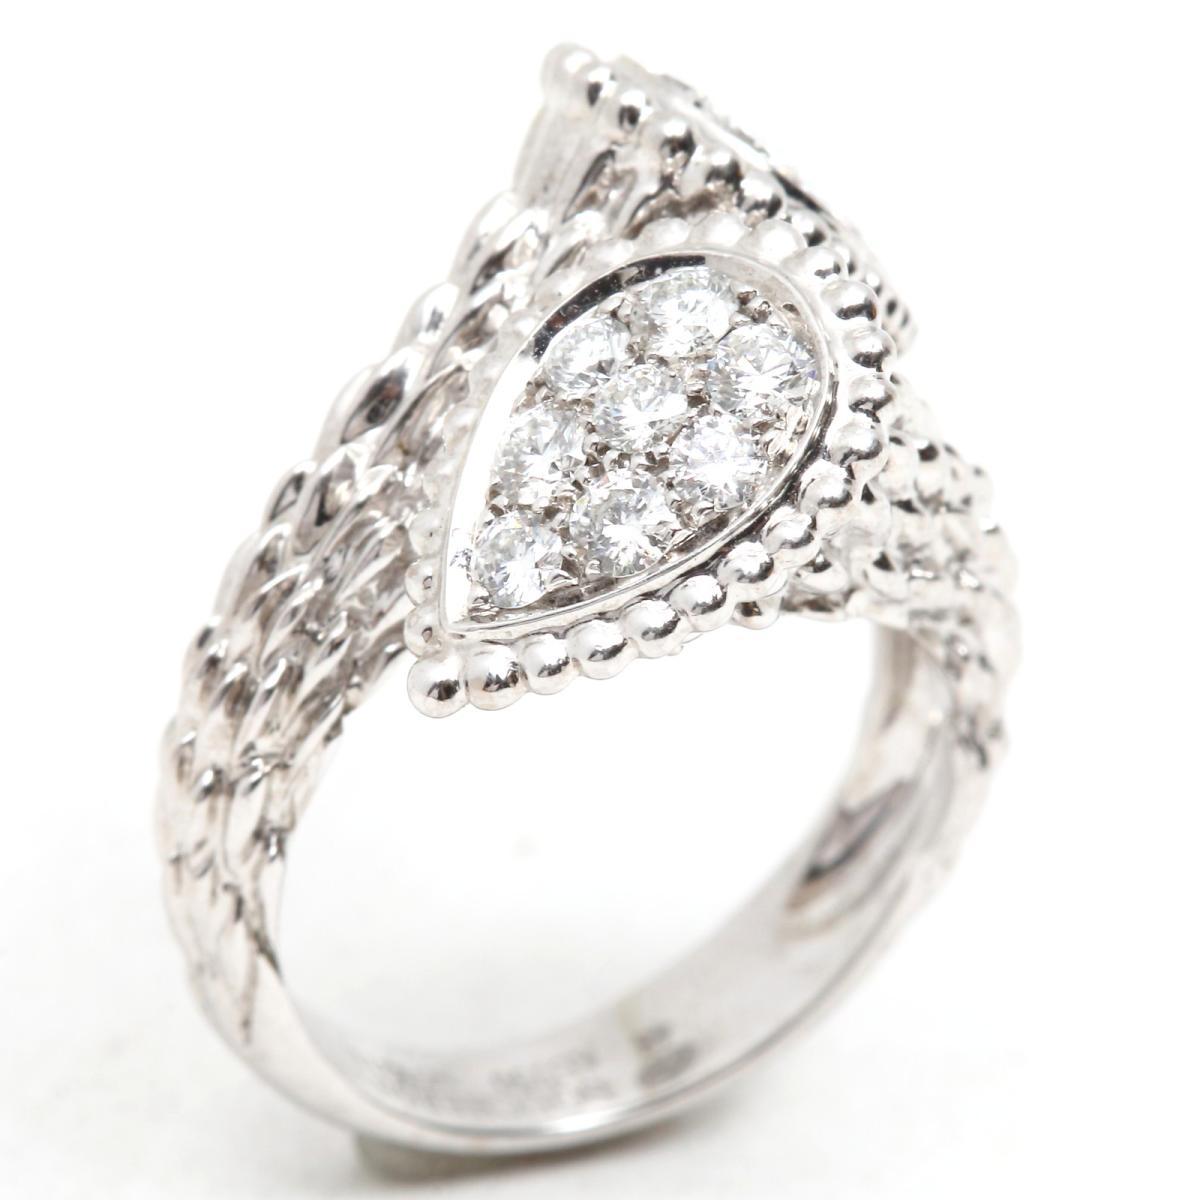 【おすすめ!】セルパンボエムリング 指輪 レディース 8号